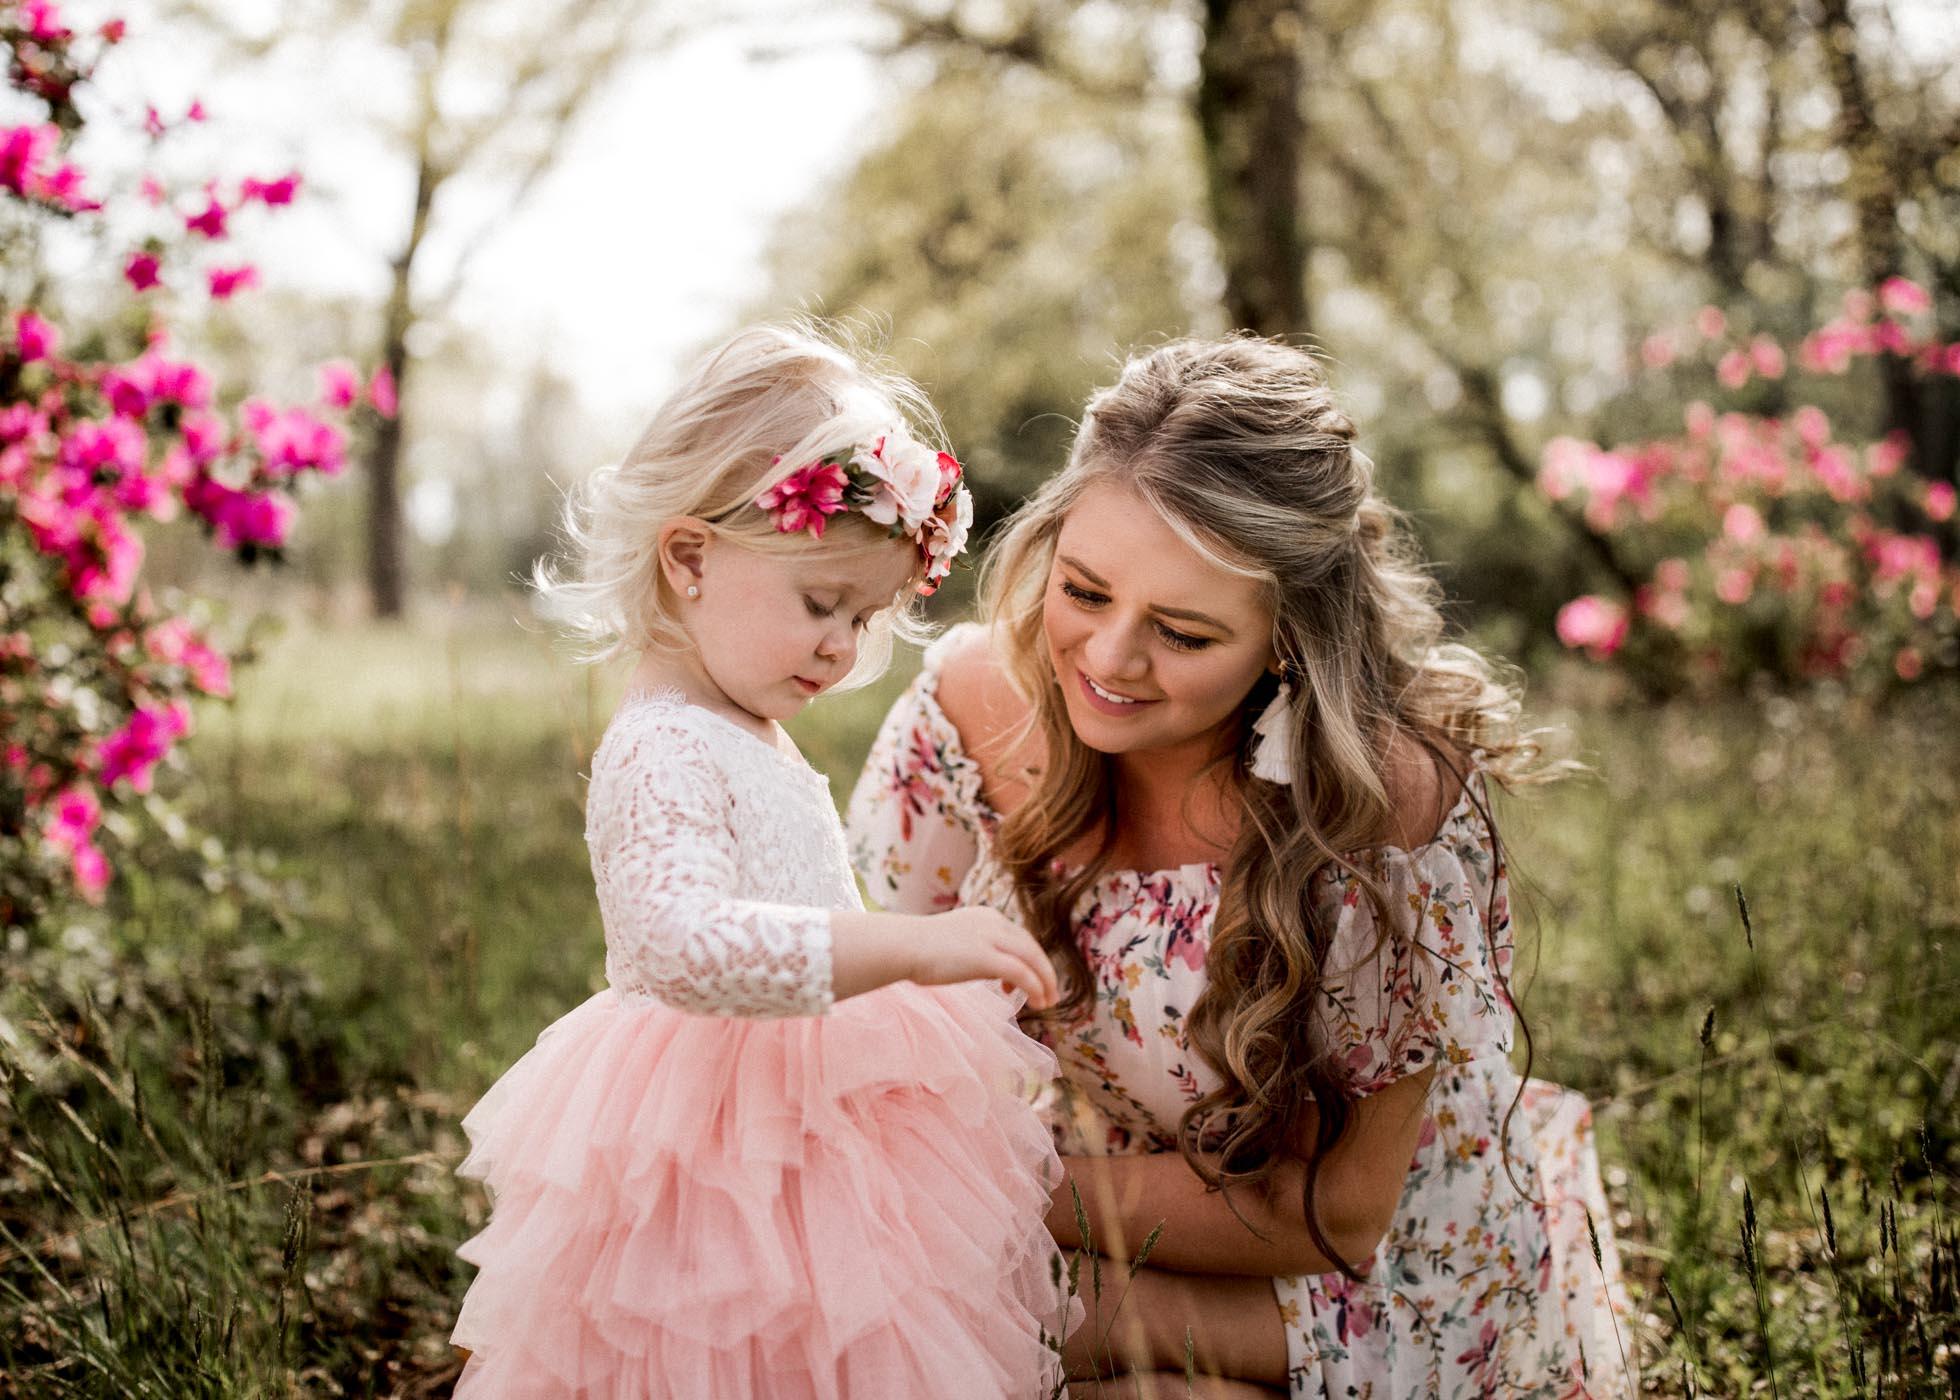 KelseyFarnhamPhotography-www.kelseyfarnham.com-mountainsfieldswoodsfamily-SouthCarolinaGreenville-7